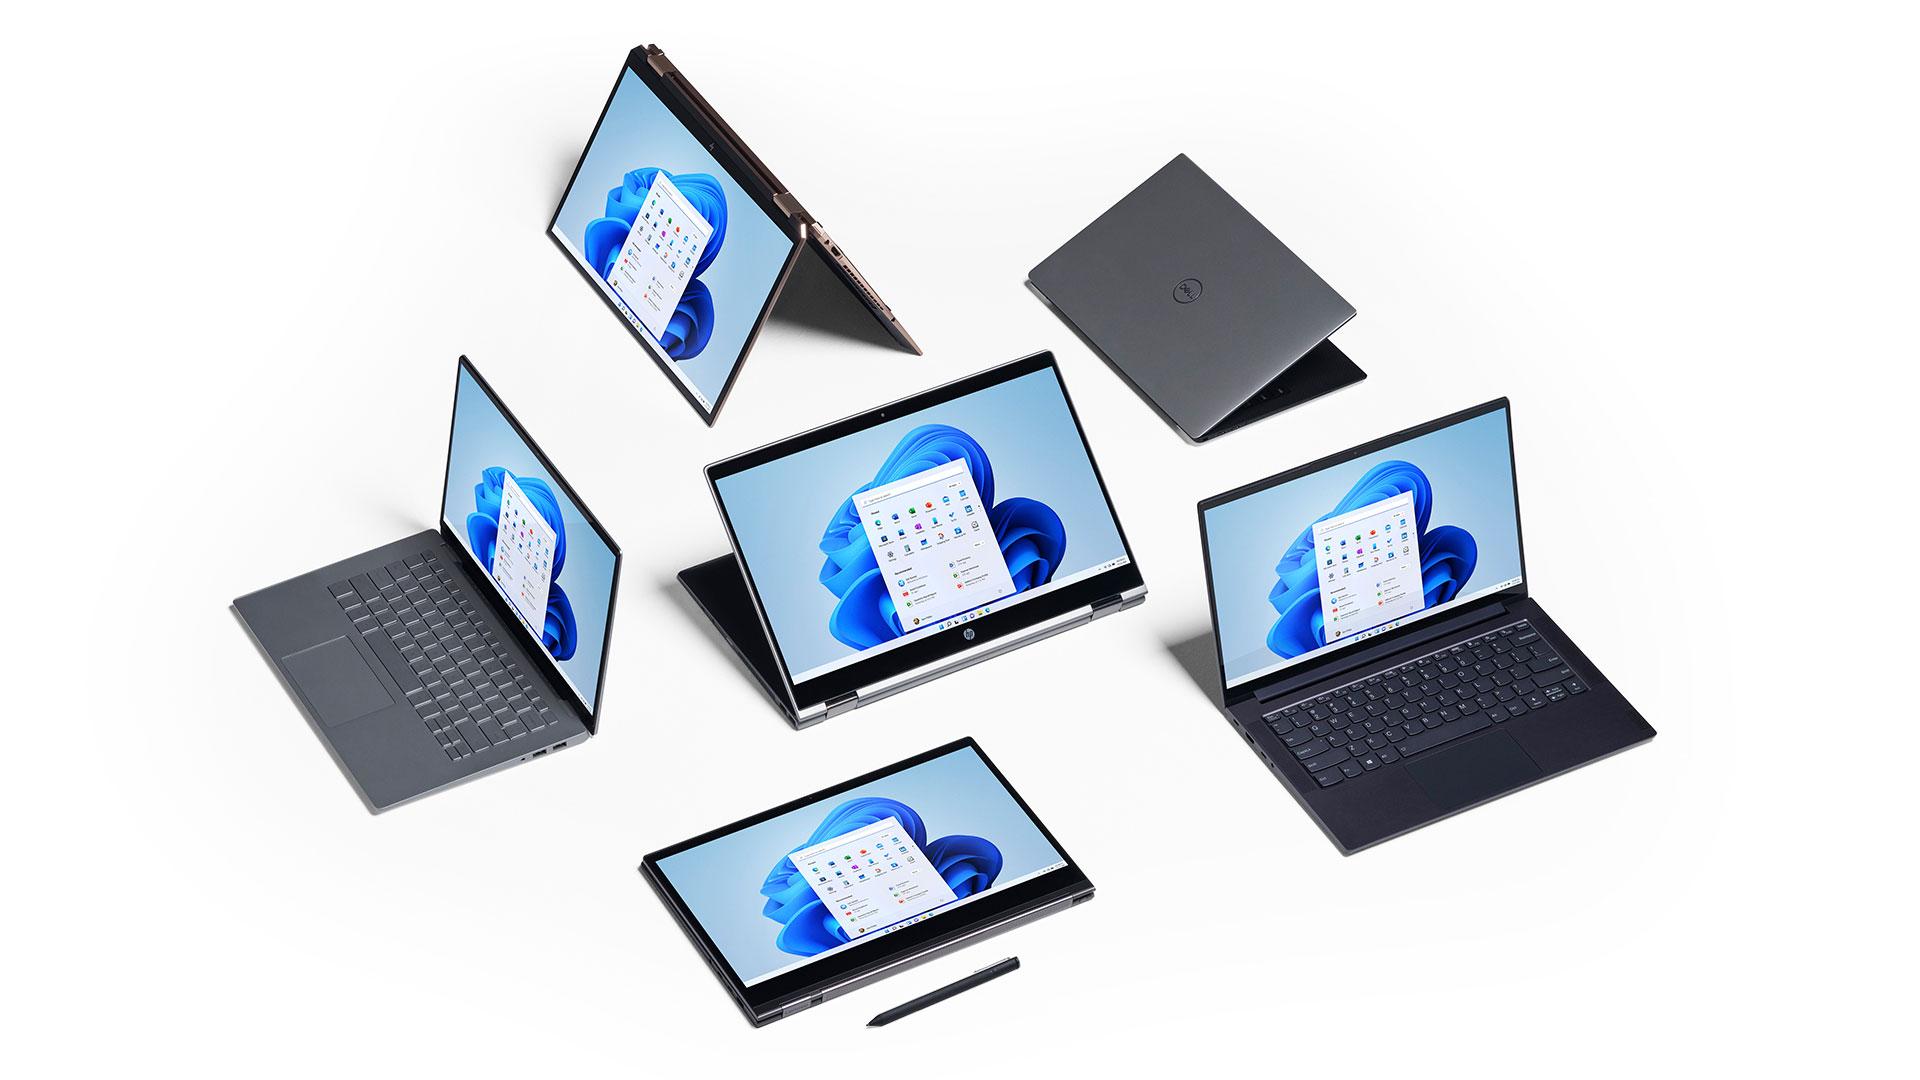 Række af 6 Windows 11-computere